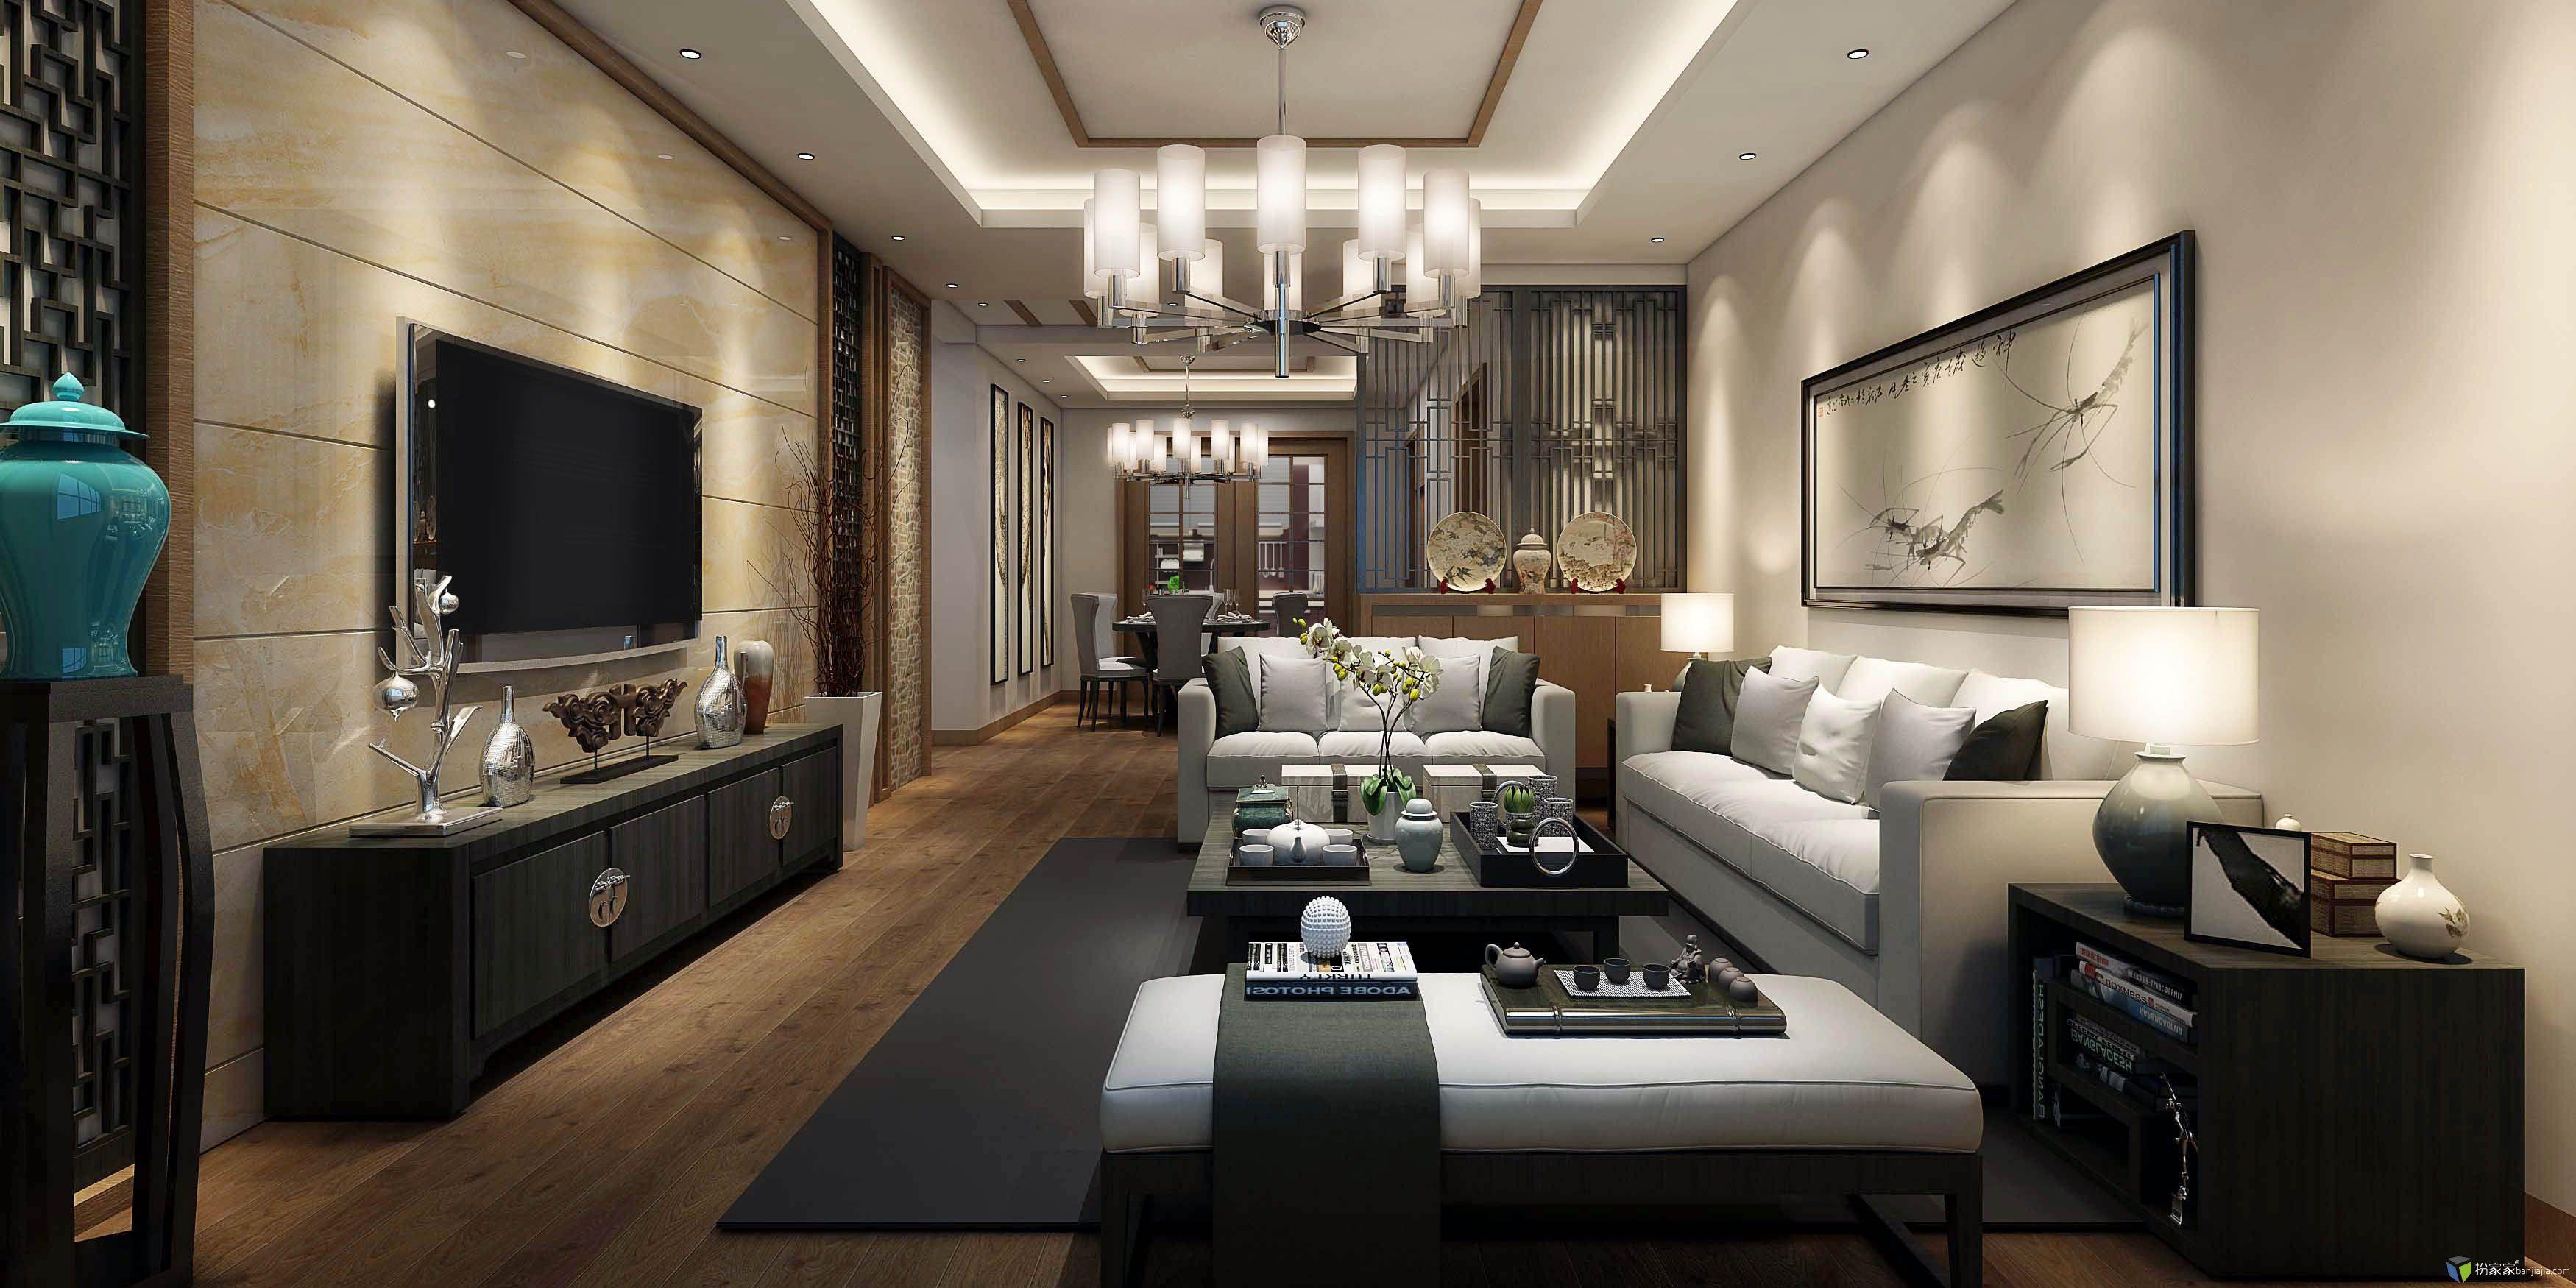 中式客餐厅效果图-室内设计师平台 -室内设计论坛-扮